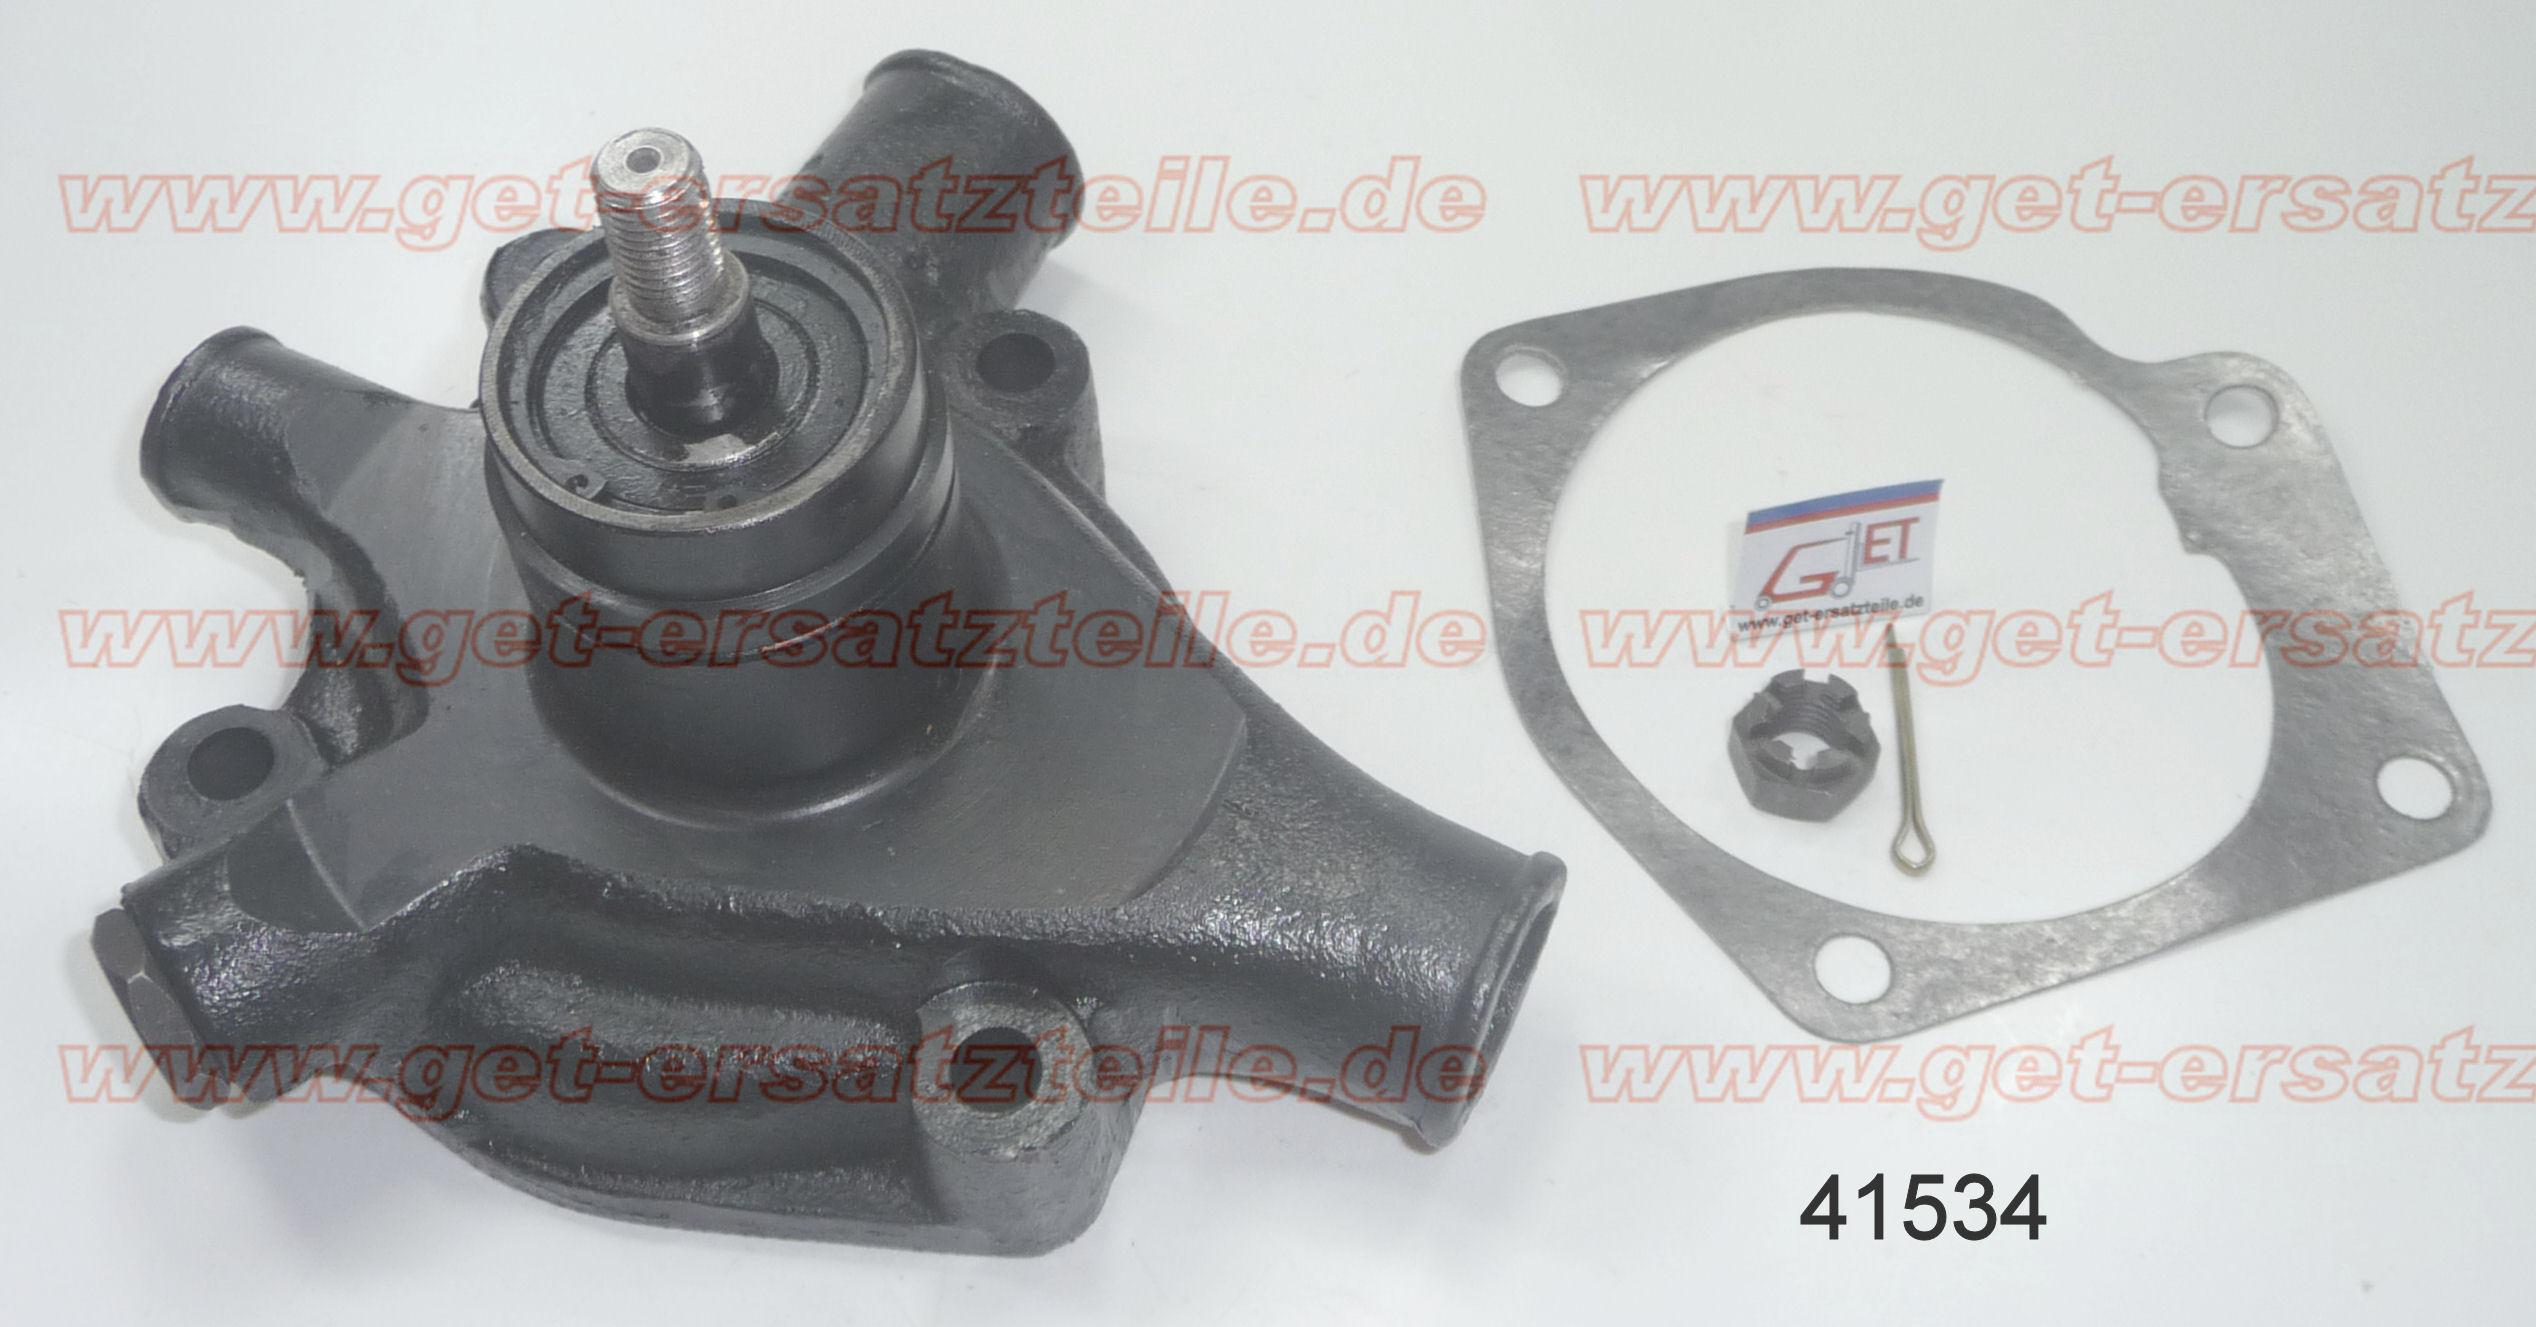 Ersatzteillieferant, Staplerteile, Stapler-Ersatzteile, Kundendienst, Service Gabelstapler, Parts von GET-Gabelstapler-Ersatzteile